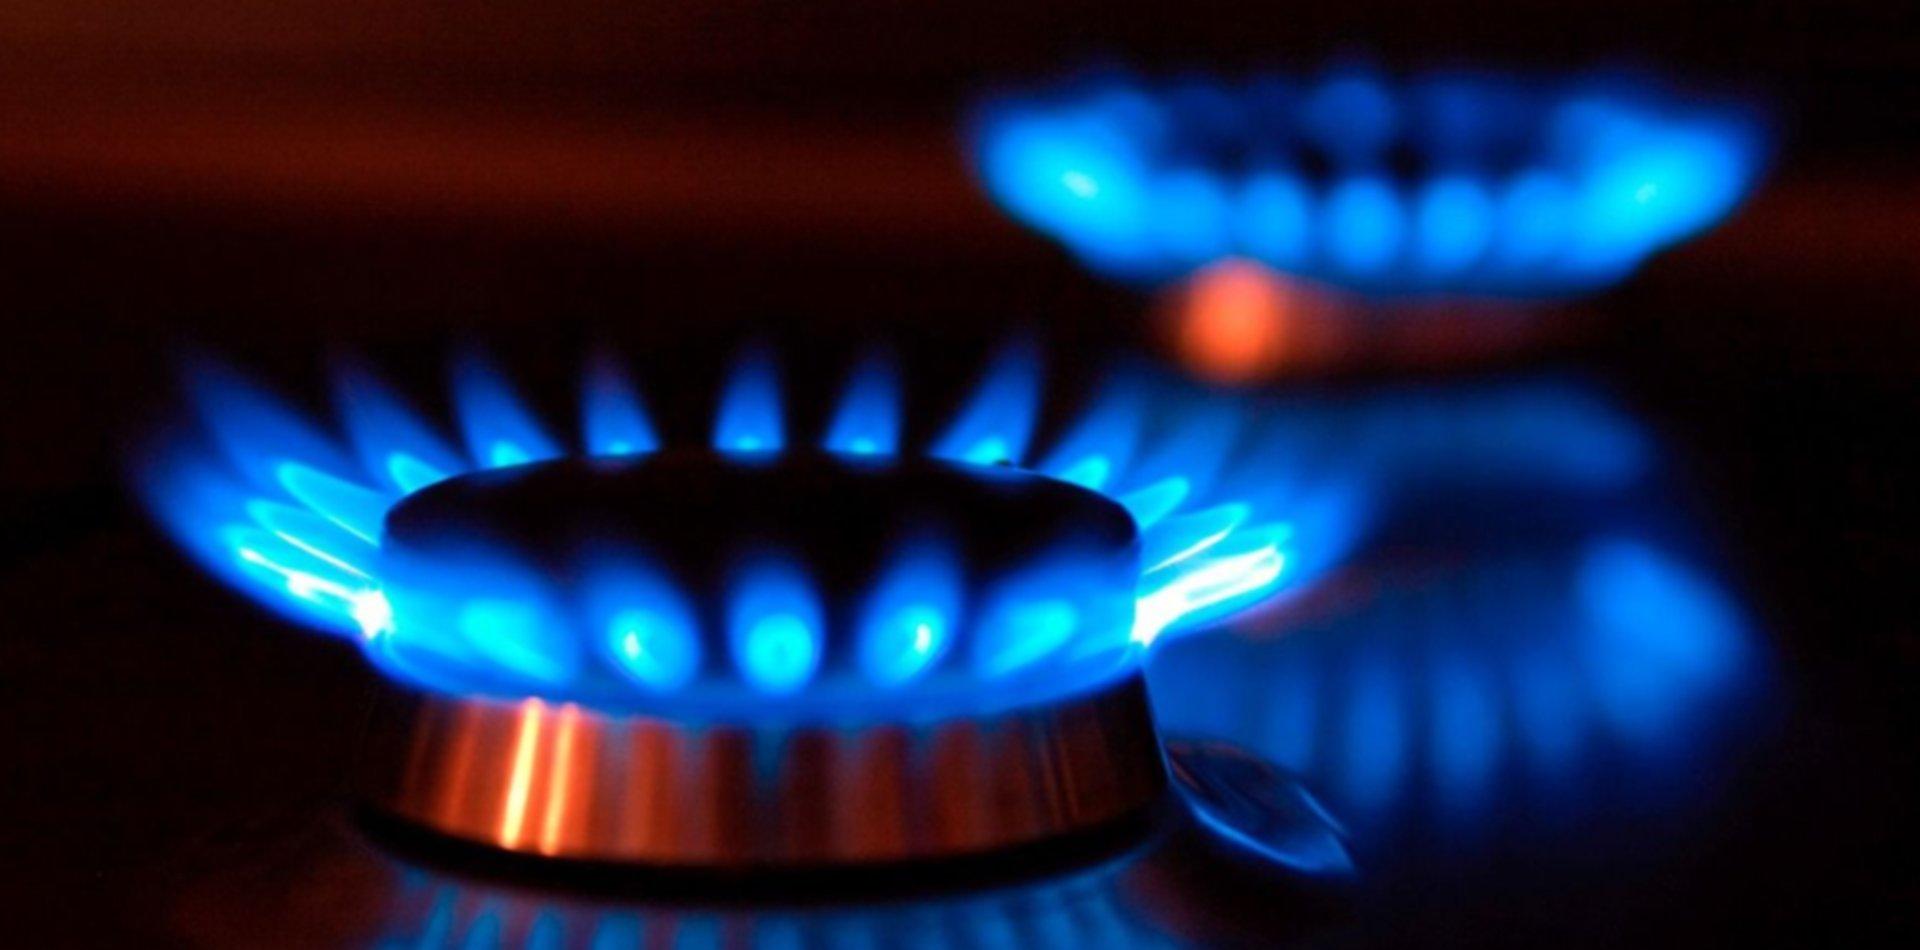 El Gobierno definió cuándo volverán a subir las tarifas de luz y gas